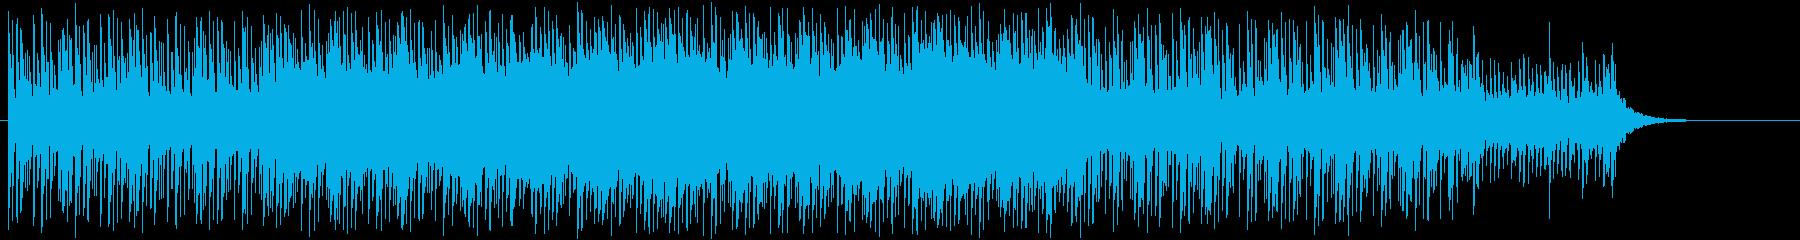 静かで落ち着いた雰囲気の電子系インスト曲の再生済みの波形